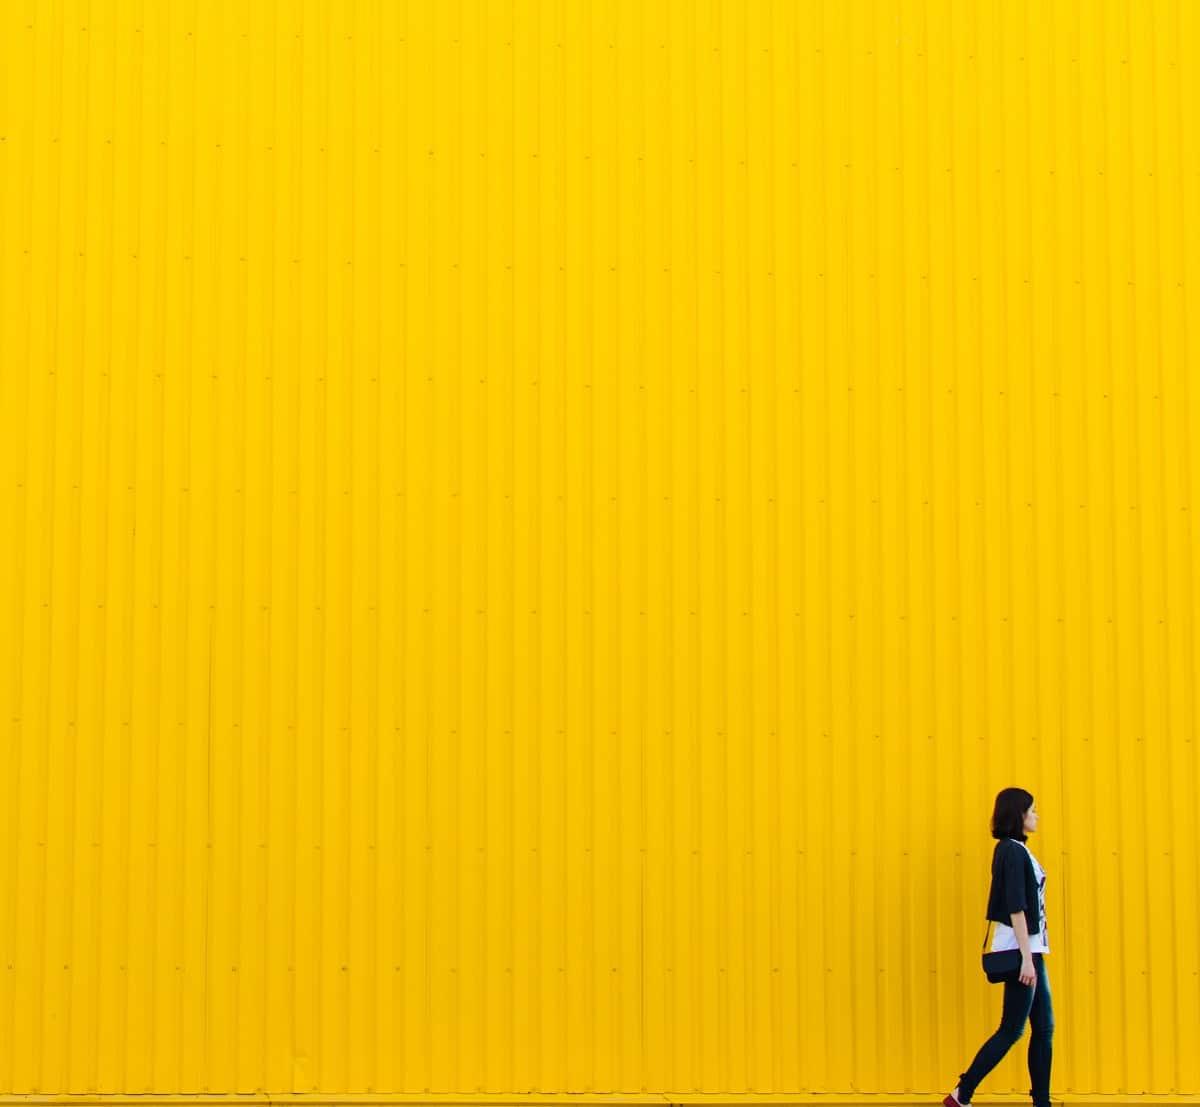 Rodion Kutsaev yellow wall, woman walking by